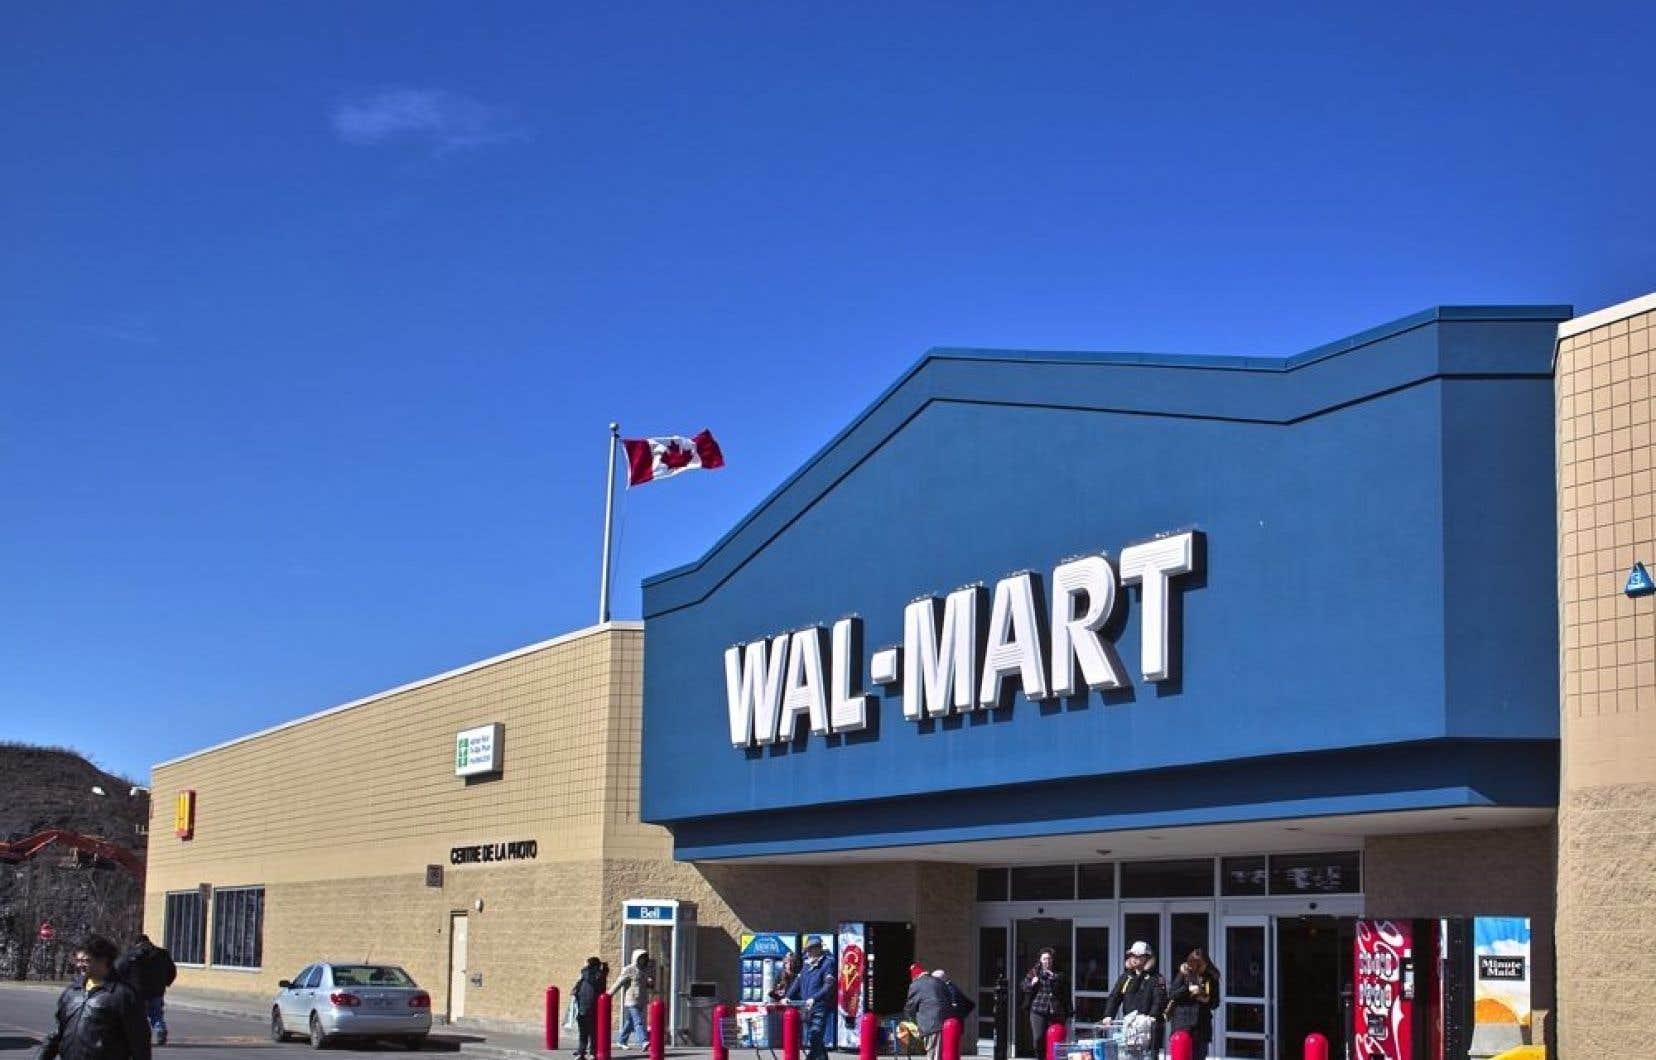 En 2012, plusieurs détaillants, Best Buy, Costco, Walmart, GAP, Old Navy, Guess, Toys«R»Us et Curves, ont contesté en cour la demande de modifier leurs enseignes.